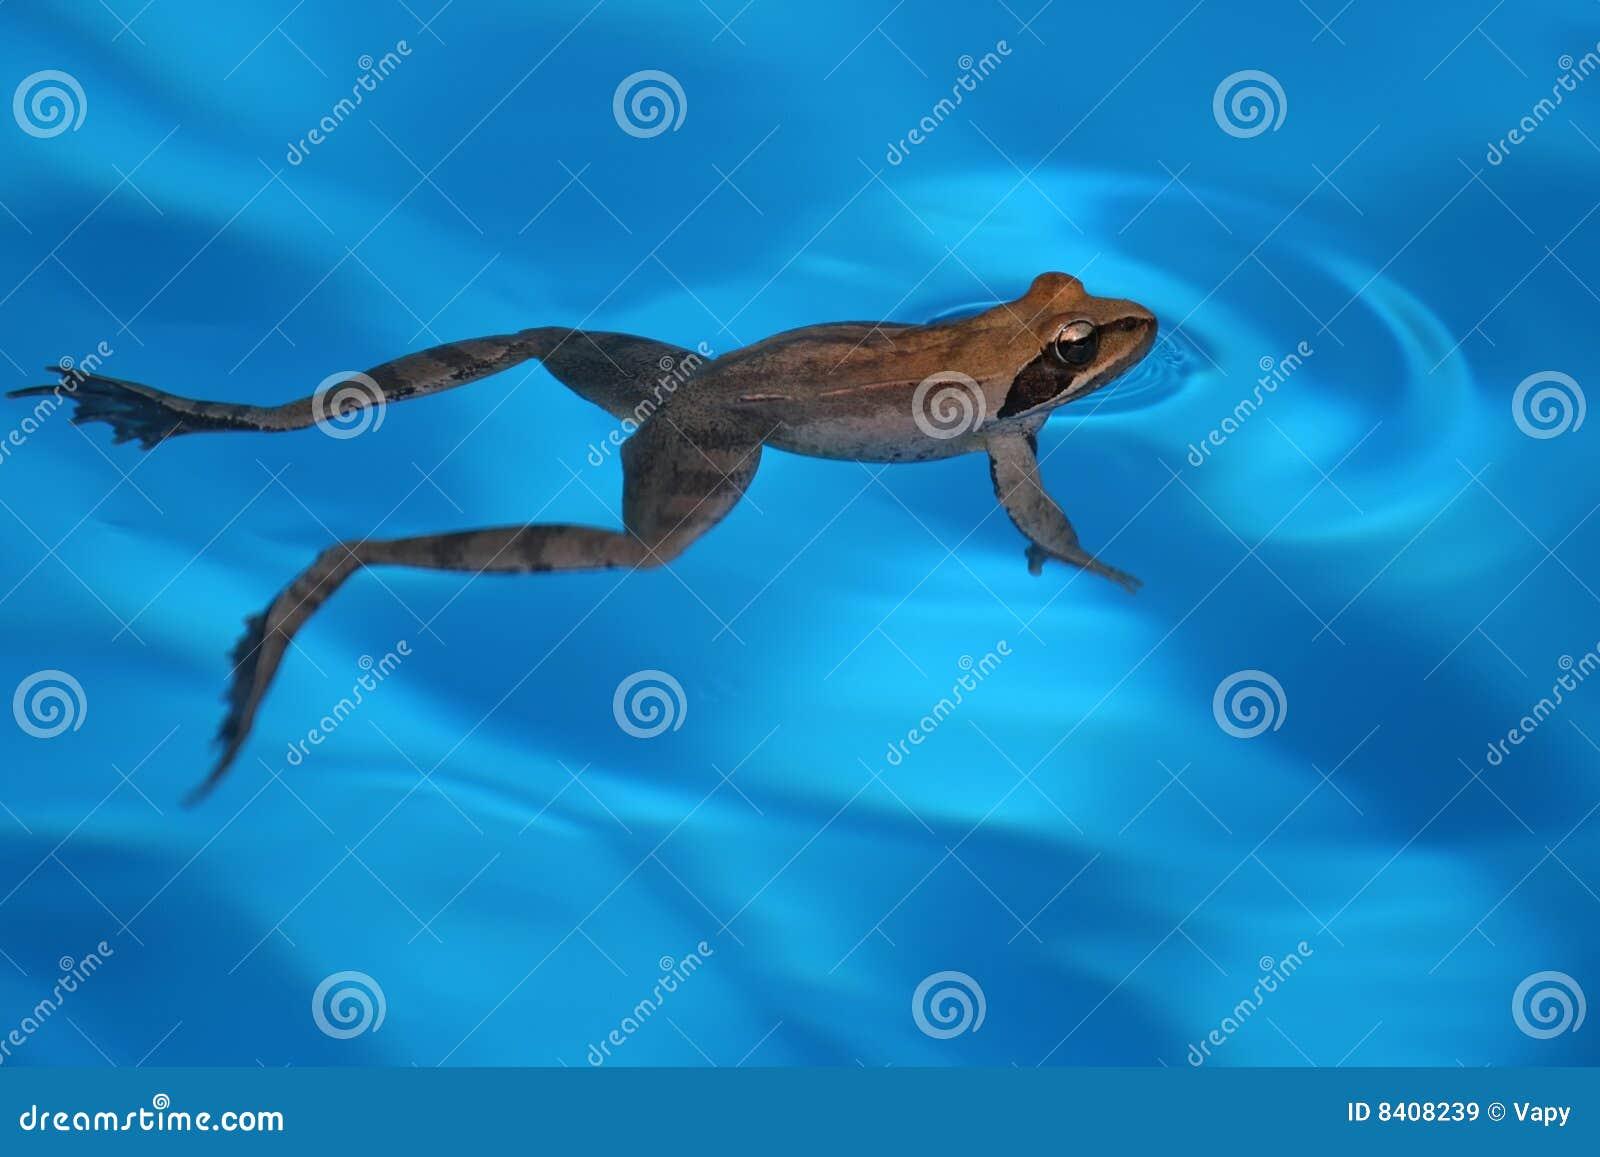 游泳青蛙图片